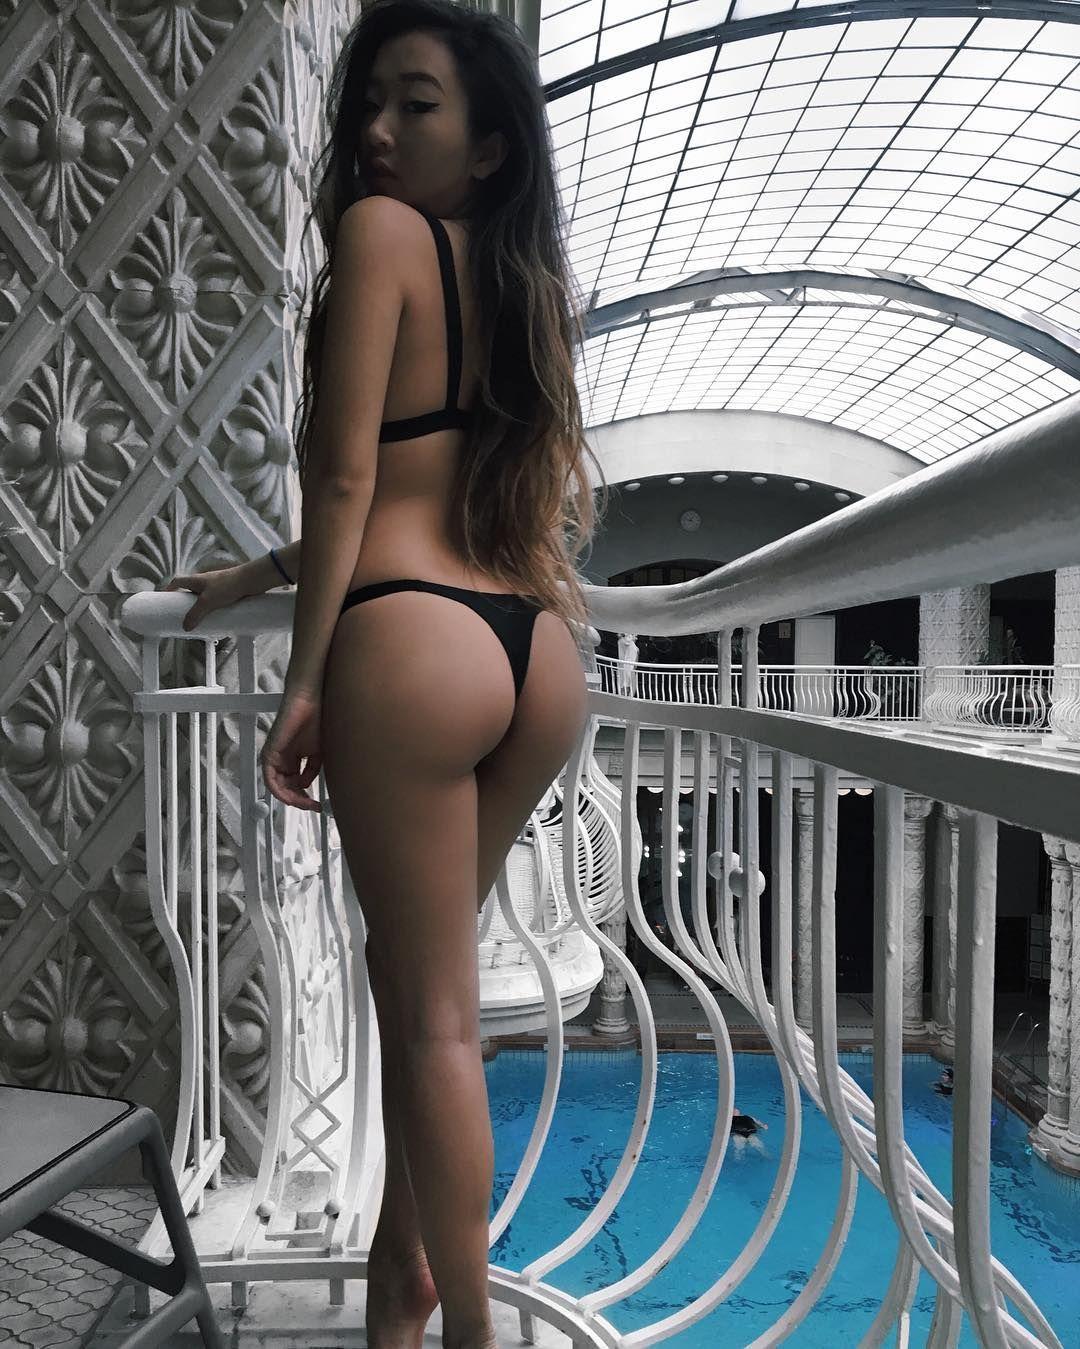 Sweet Little Asian Girl Ass More Asian Ass